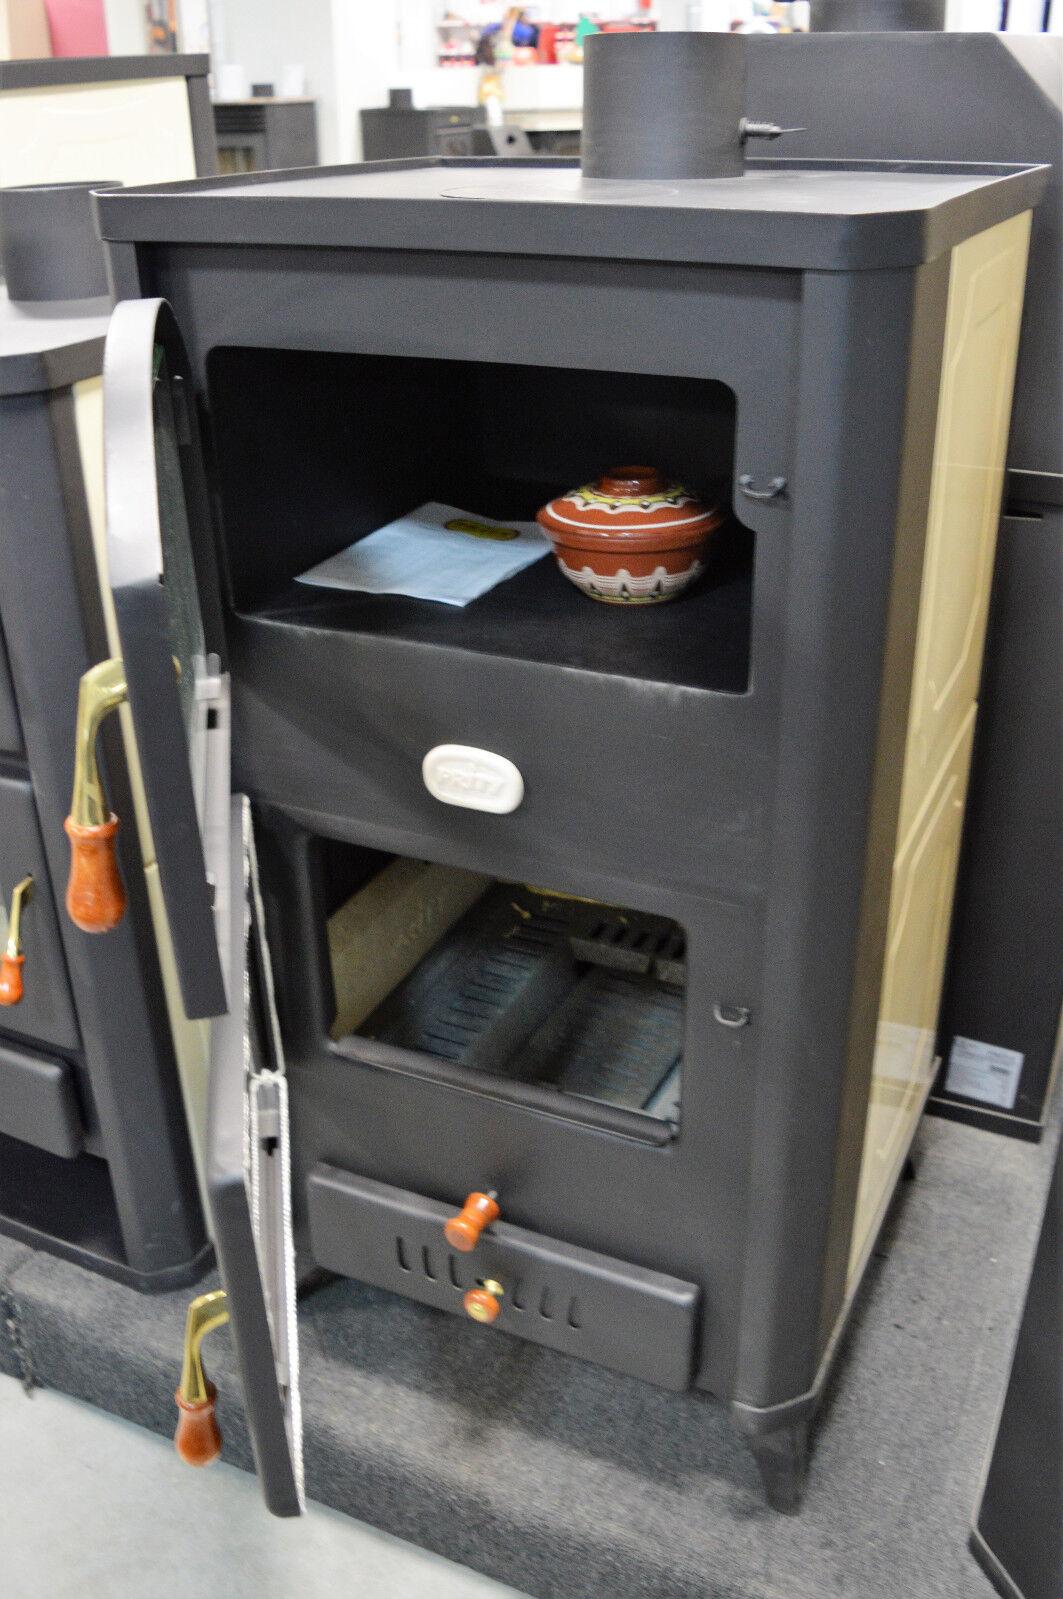 Stufa a legna boiler forno fornello camino 23kw prity fgw18r diversa colore ebay - Stufa caldaia a legna ...